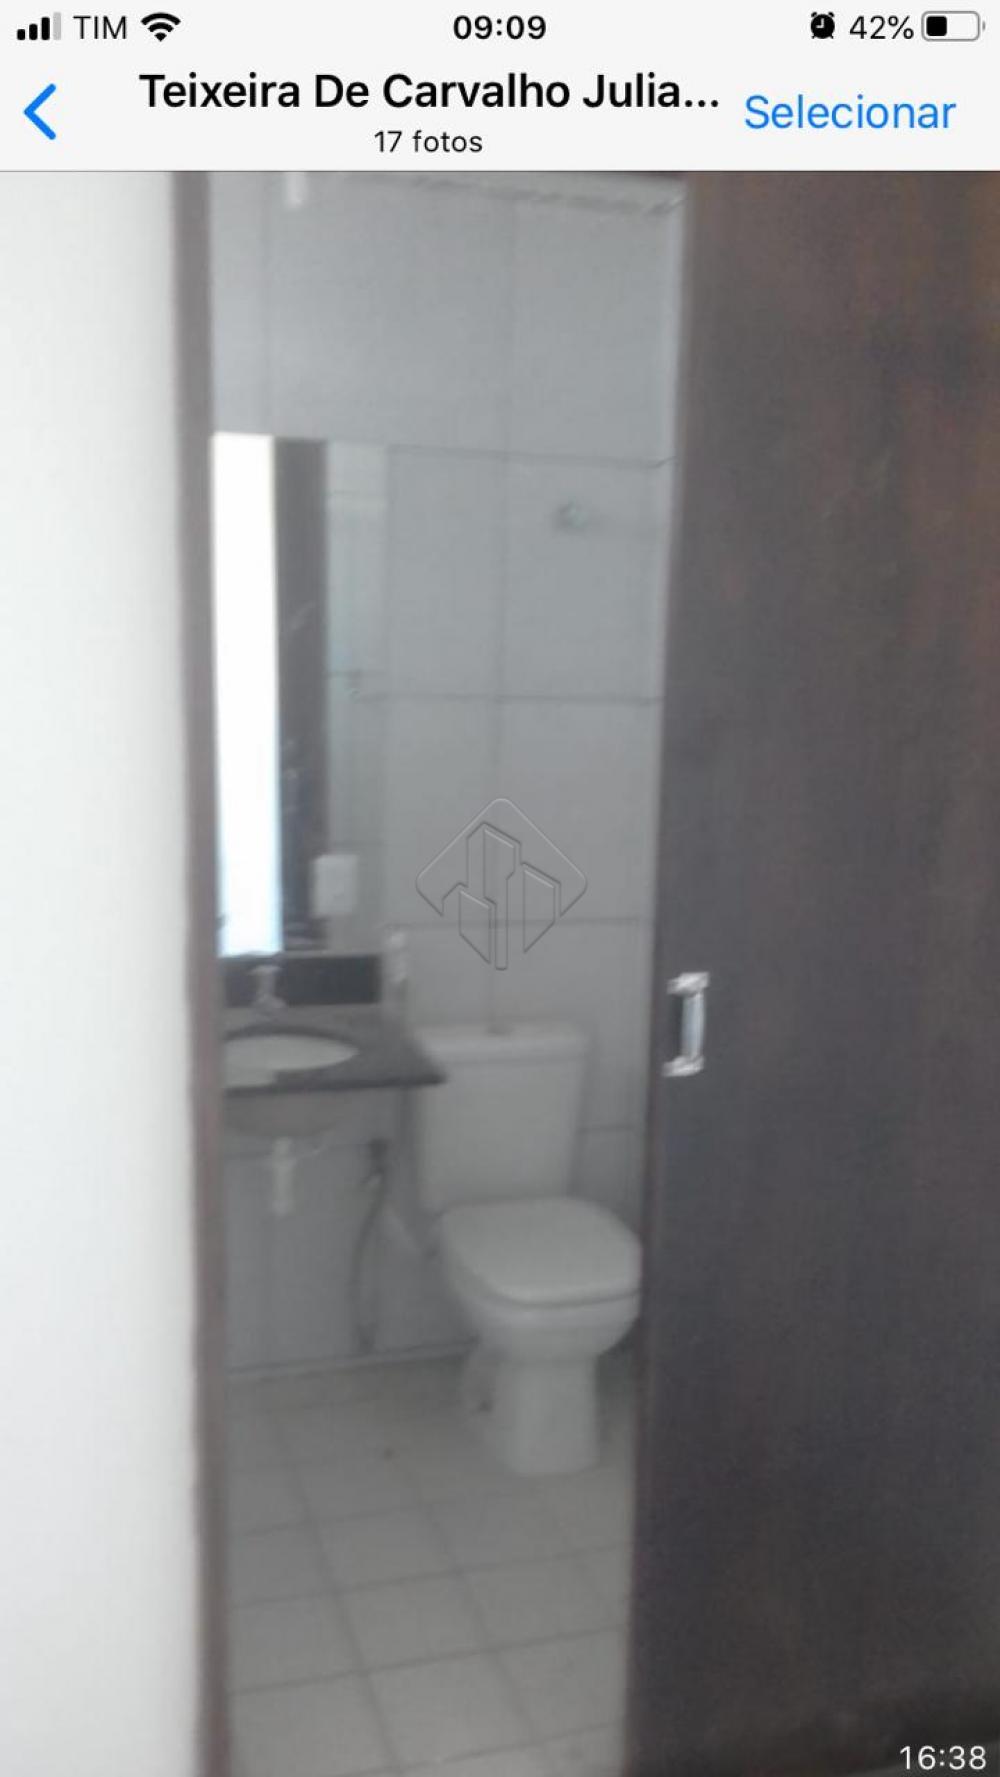 Apartamento para alugar no bairro de Manaíra  Sala p/ 2 ambientes; varanda; 3 qtos sendo 1 suíte; wc social, cozinha, area de serviço; 1 vaga de garagem.  AGENDE AGORA SUA VISITA TEIXEIRA DE CARVALHO IMOBILIÁRIA CRECI 304J - (83) 2106-4545